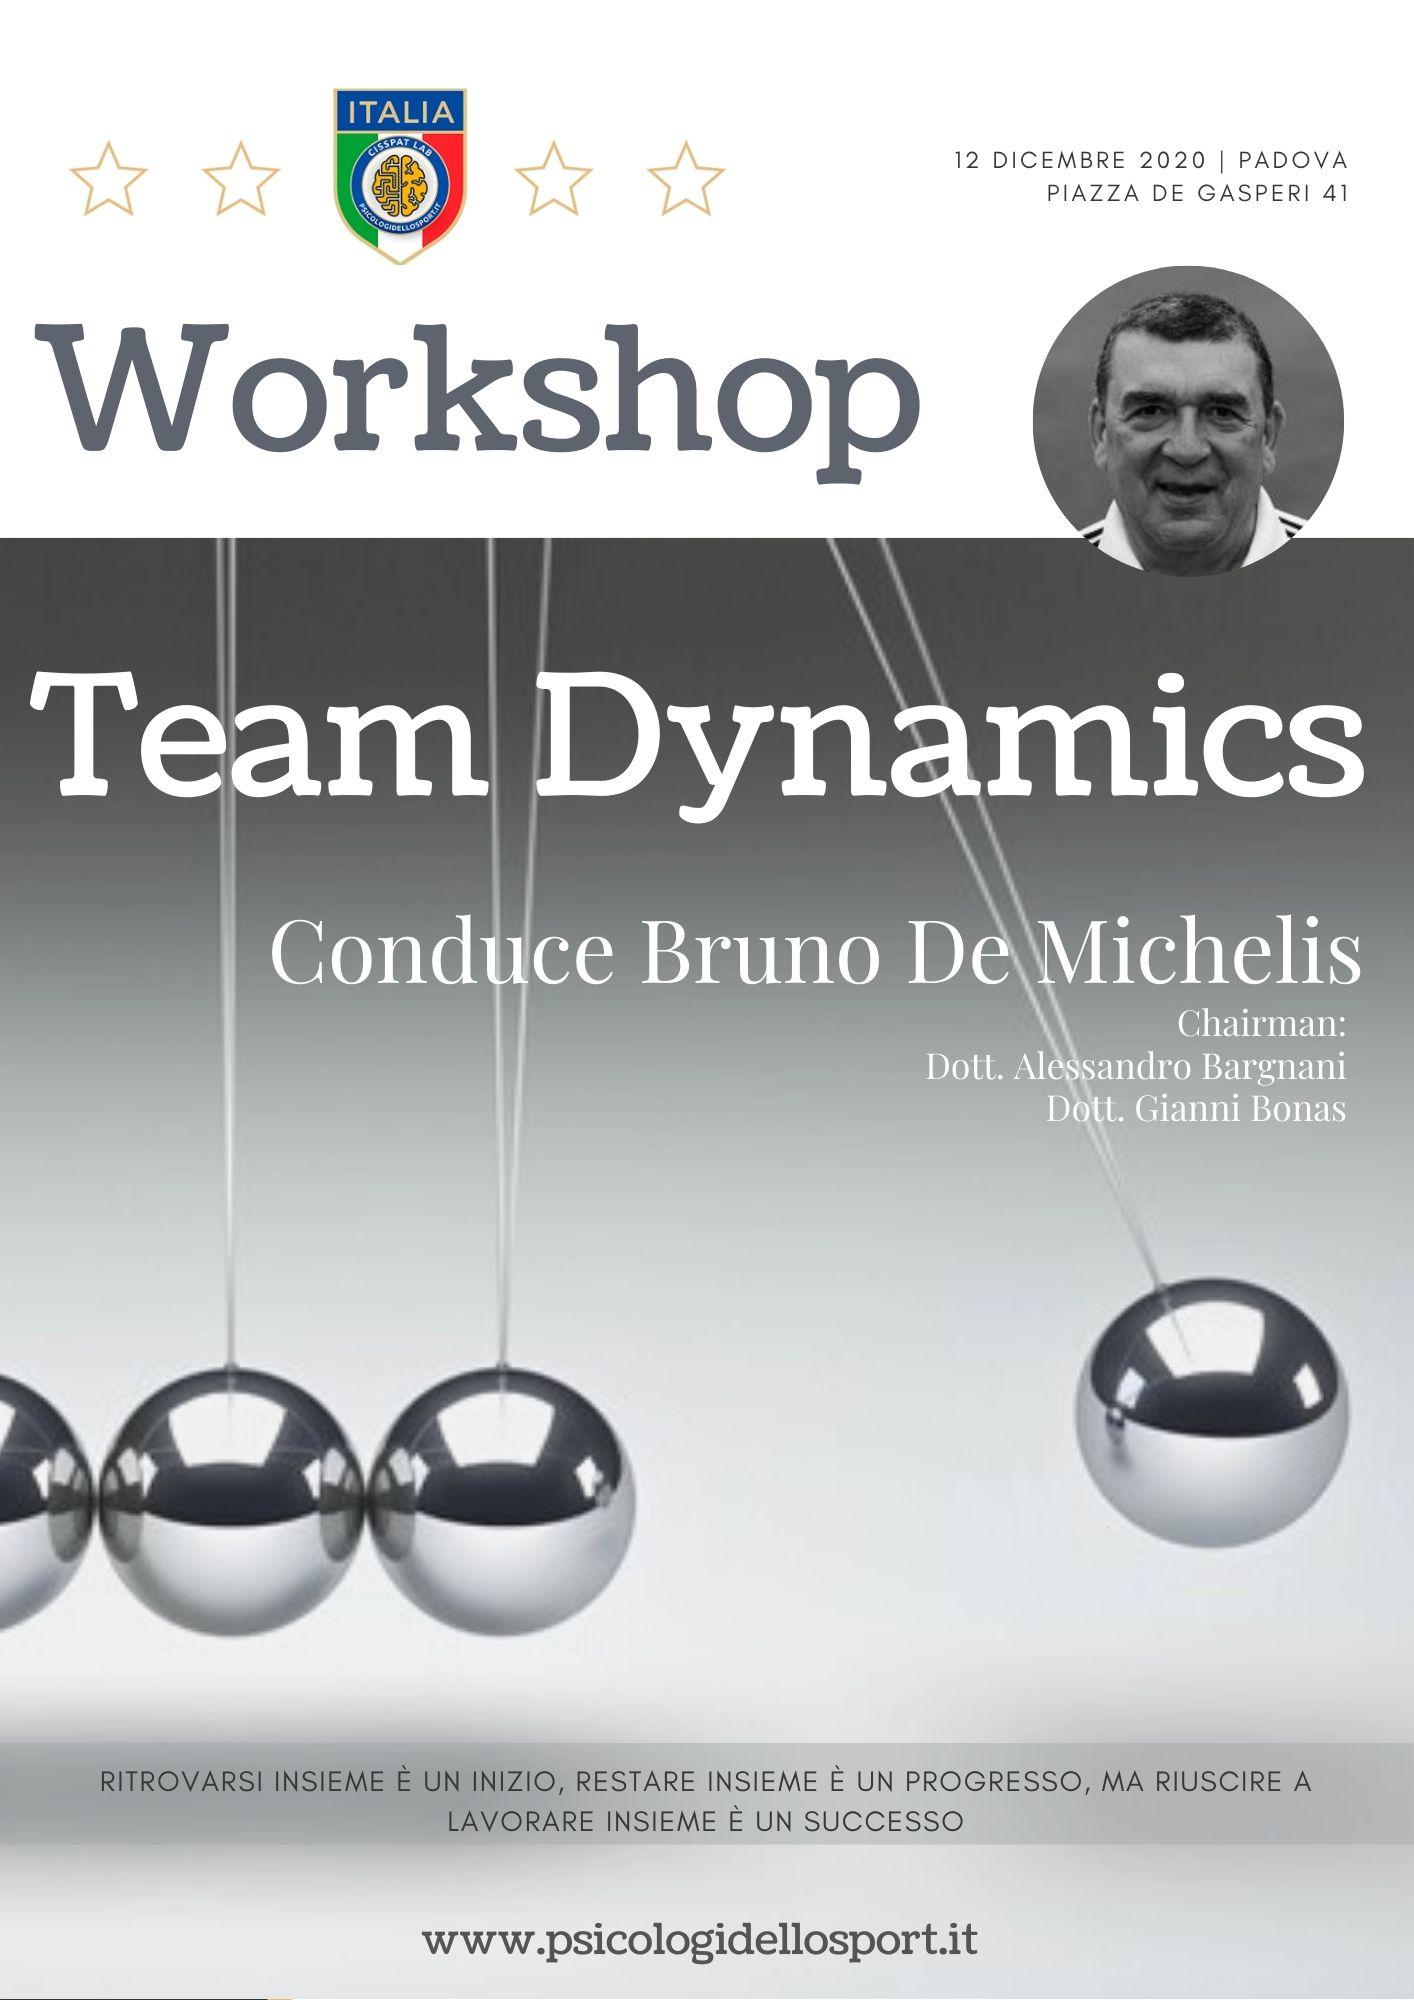 1 congresso workshop team dynamics bruno de michelis psicologi dello sport psicologia applicata alessandro bargnani gianni bonas